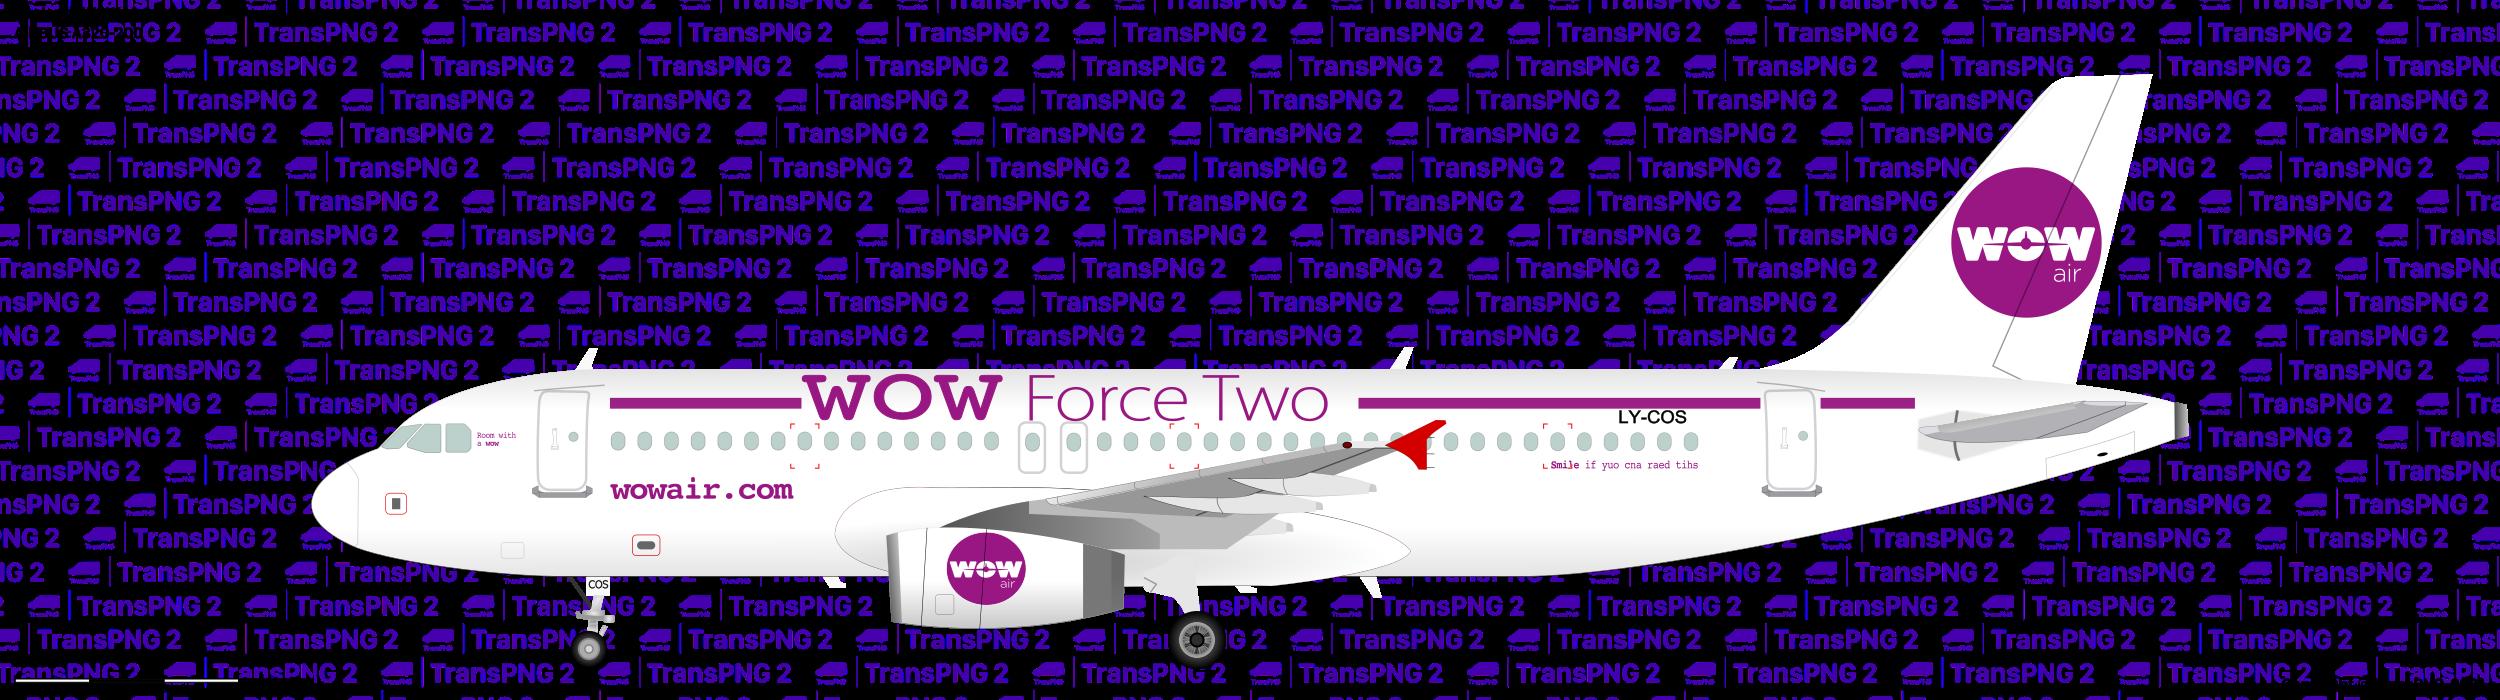 [25098] WOW air 25098